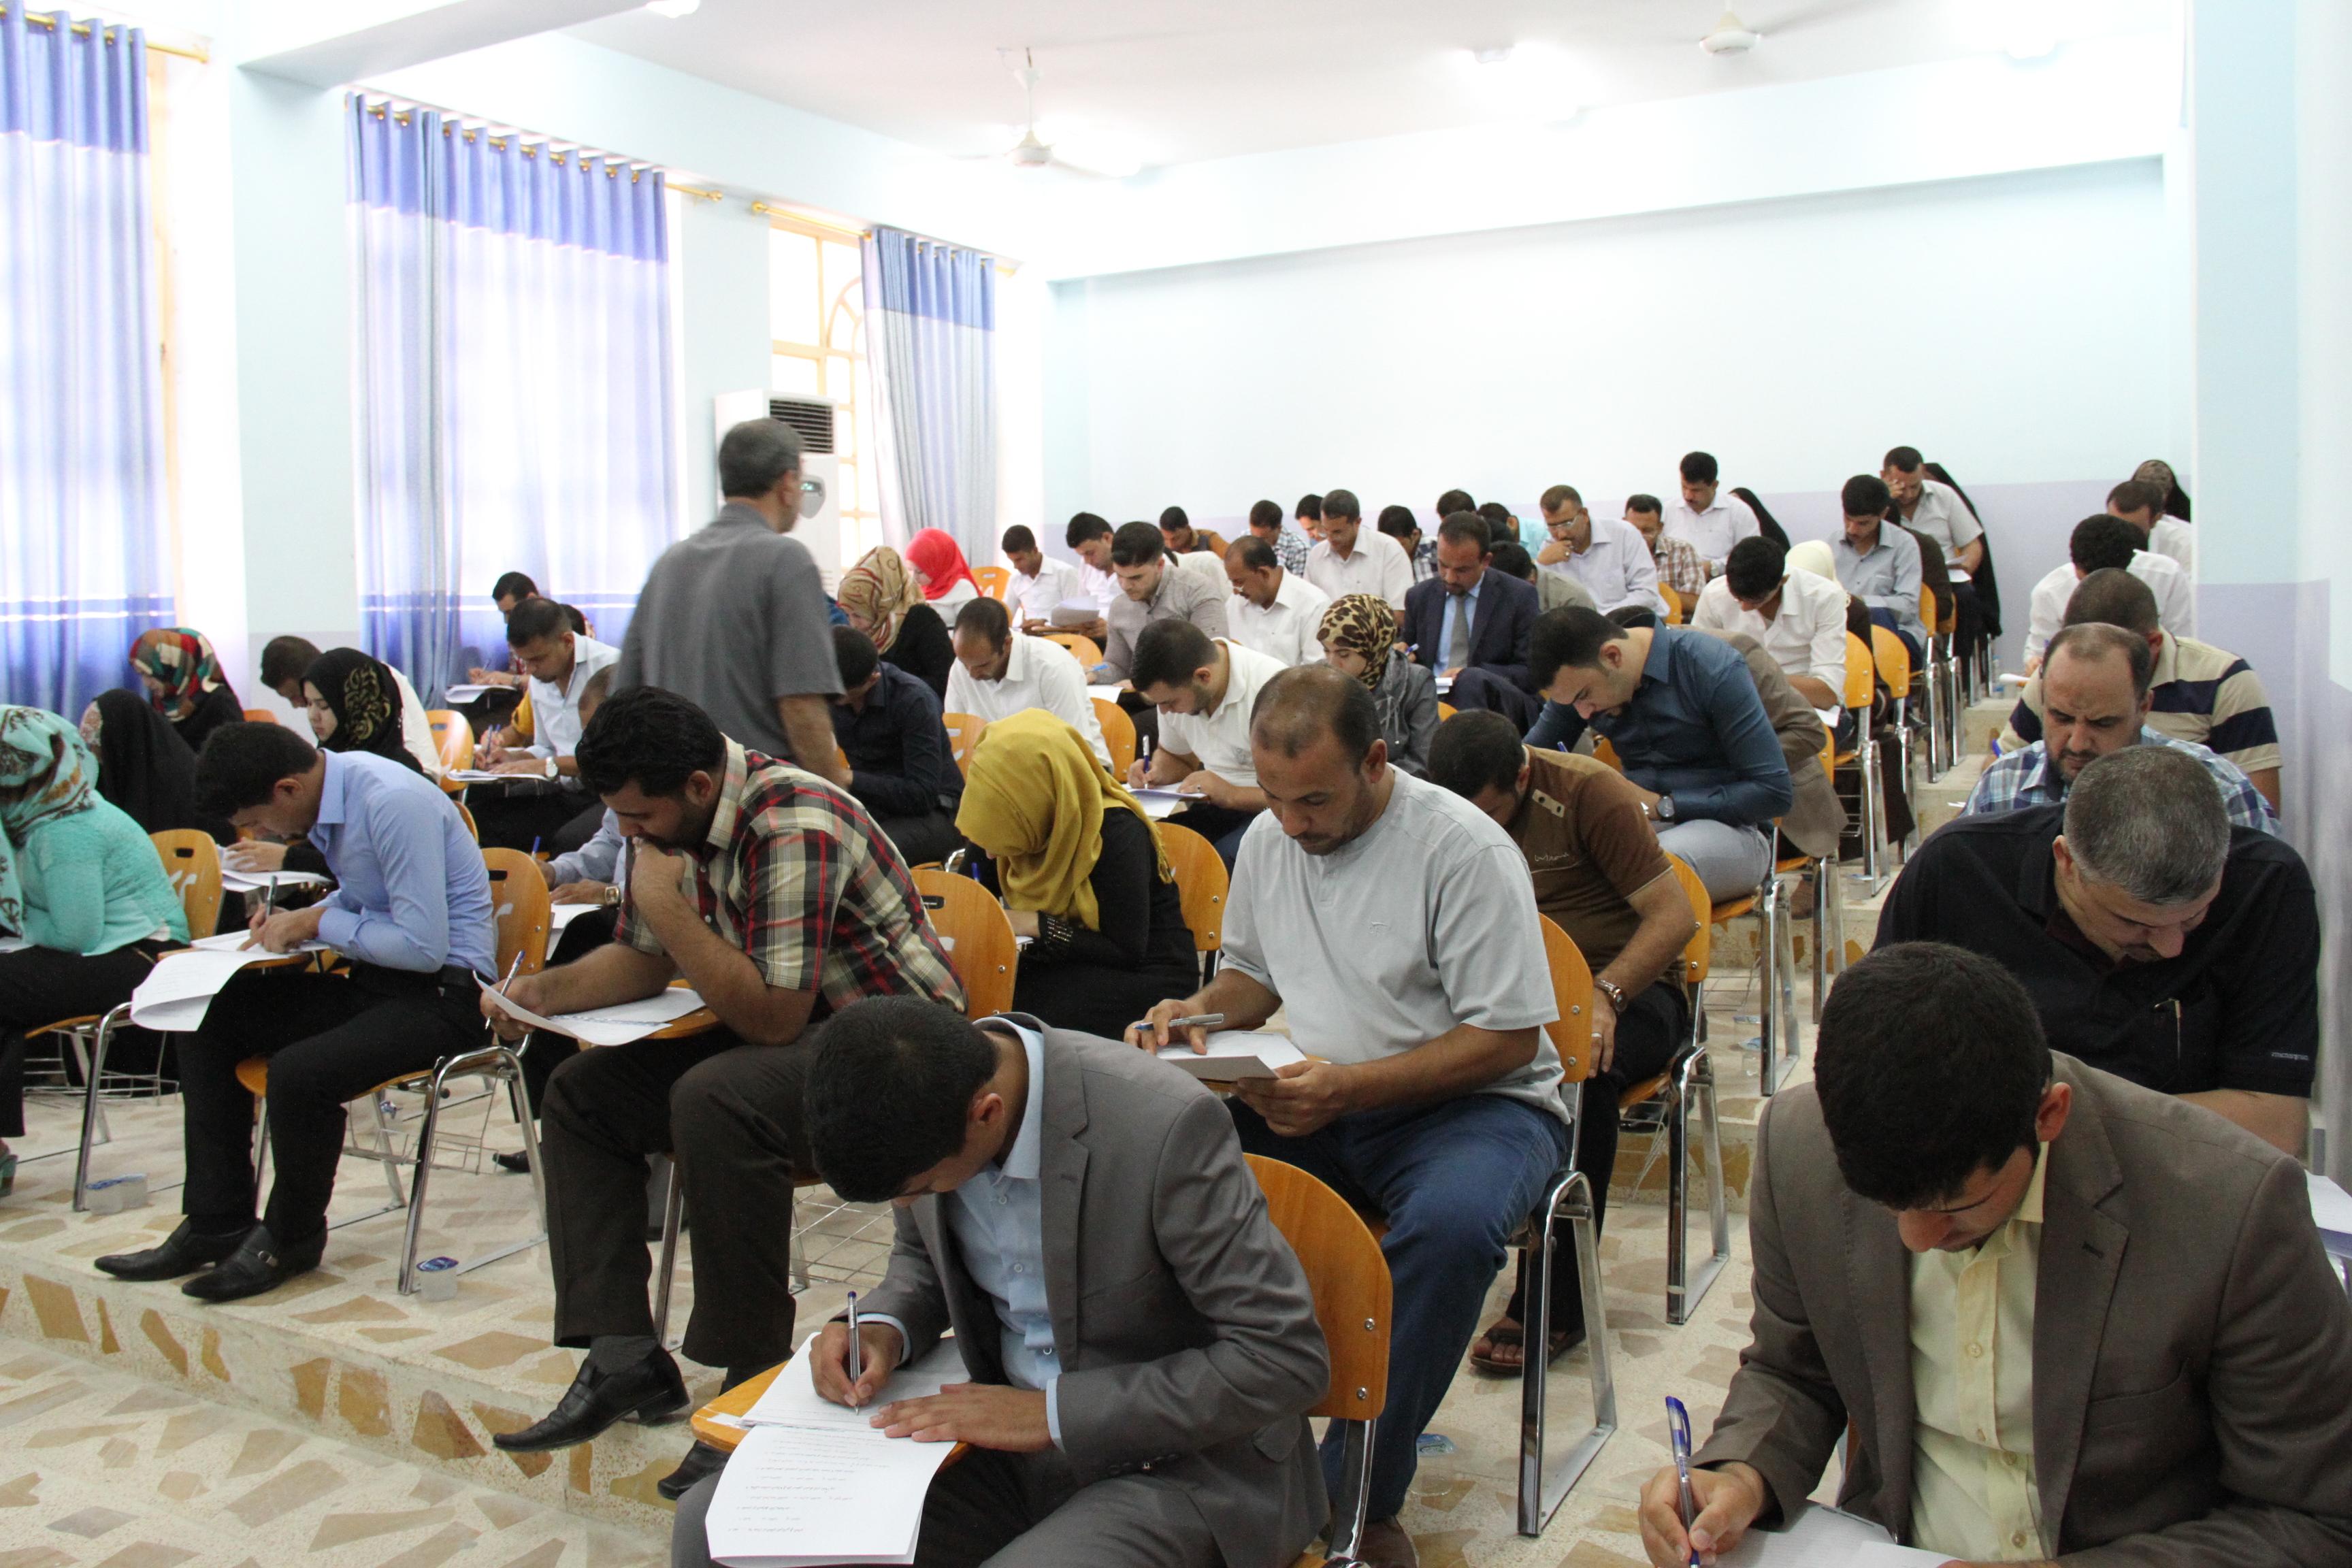 إجراء الامتحان التنافسي للمتقدمين للدراسات العليا للعام الدراسي 2015/2014